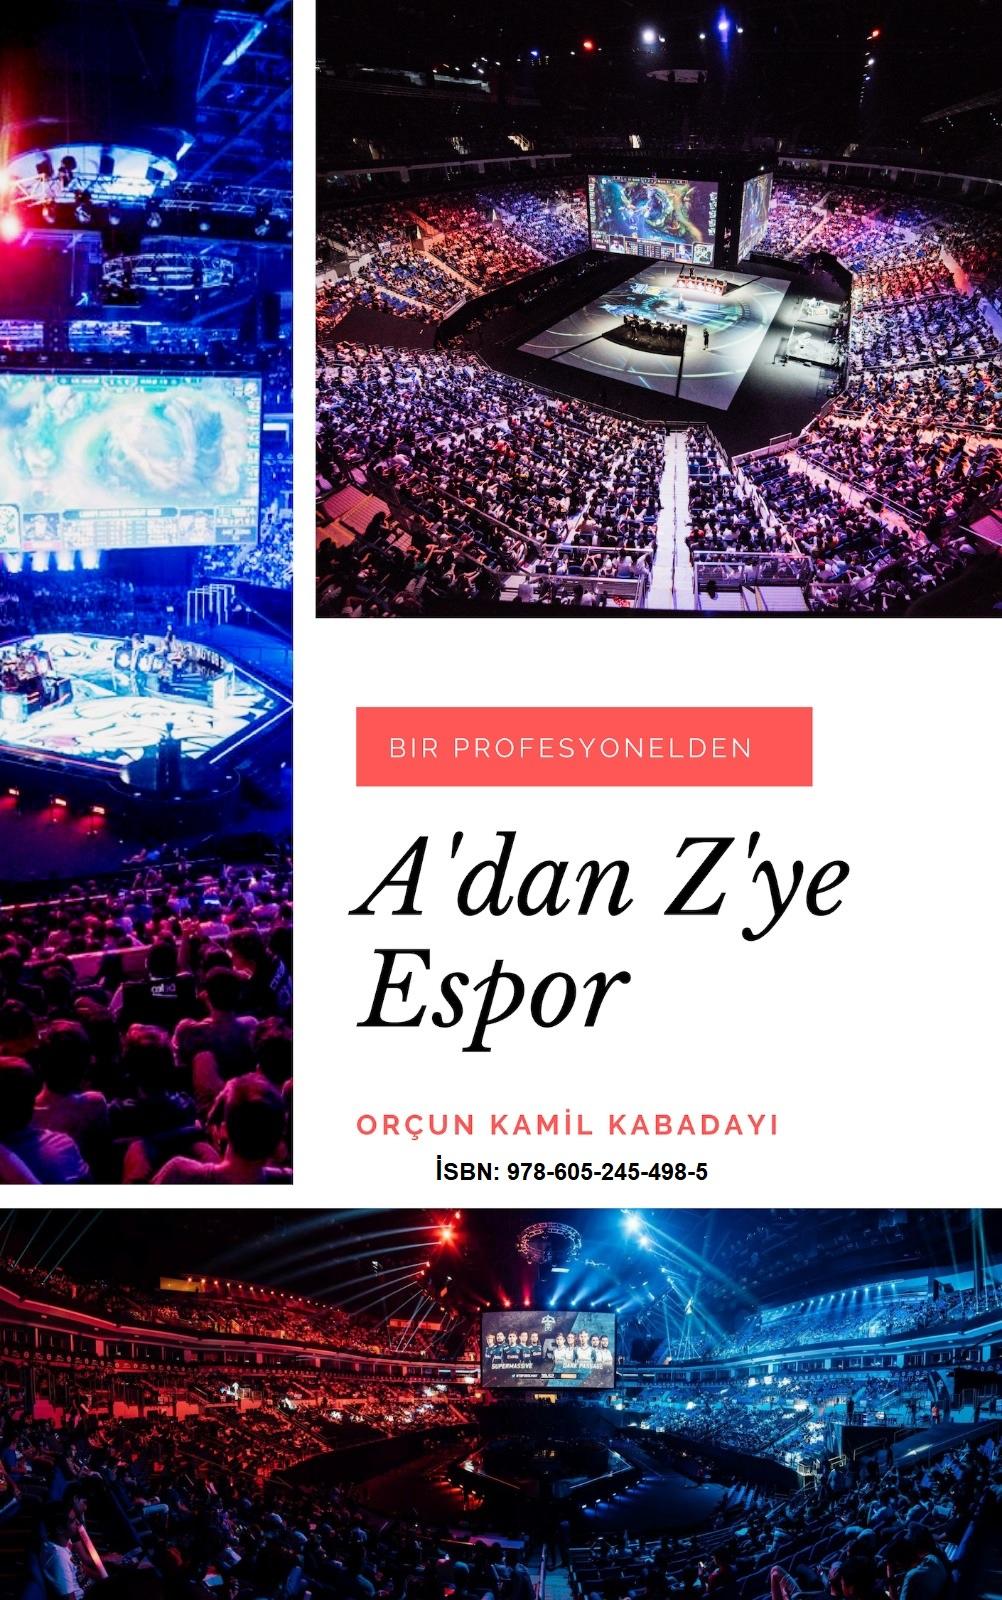 Türkiye'nin İlk Espor Ekitabı: A'dan Z'ye Espor